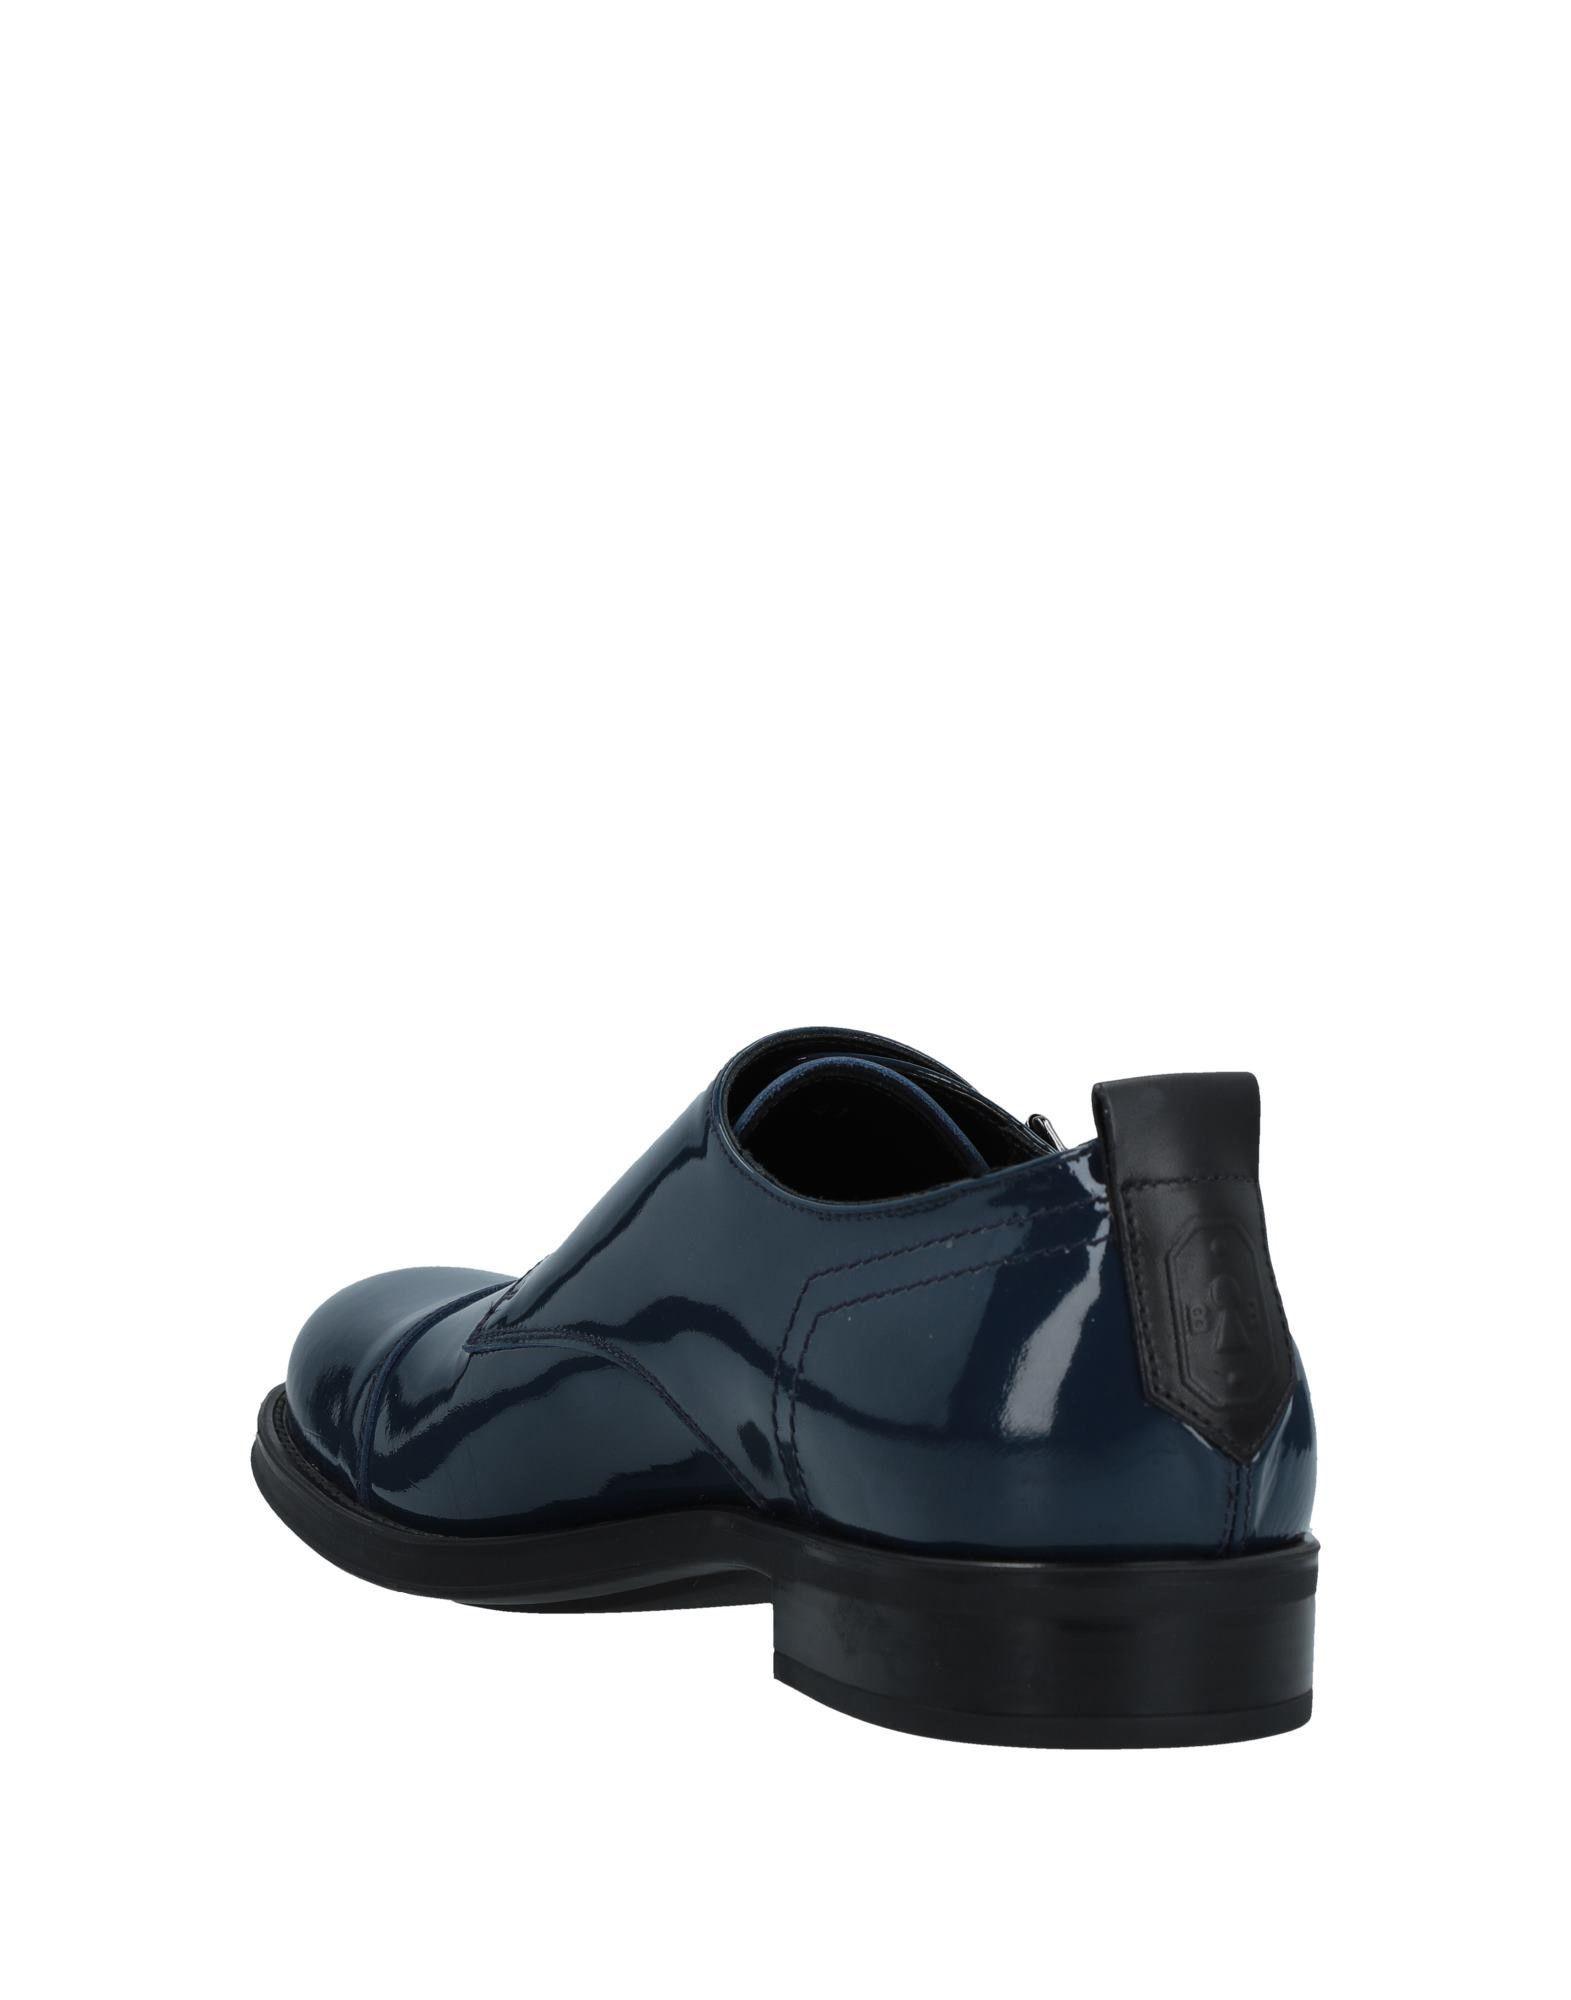 Bruno Bordese Loafers - Men Bruno Bruno Bruno Bordese Loafers online on  Canada - 11528816JM 923533